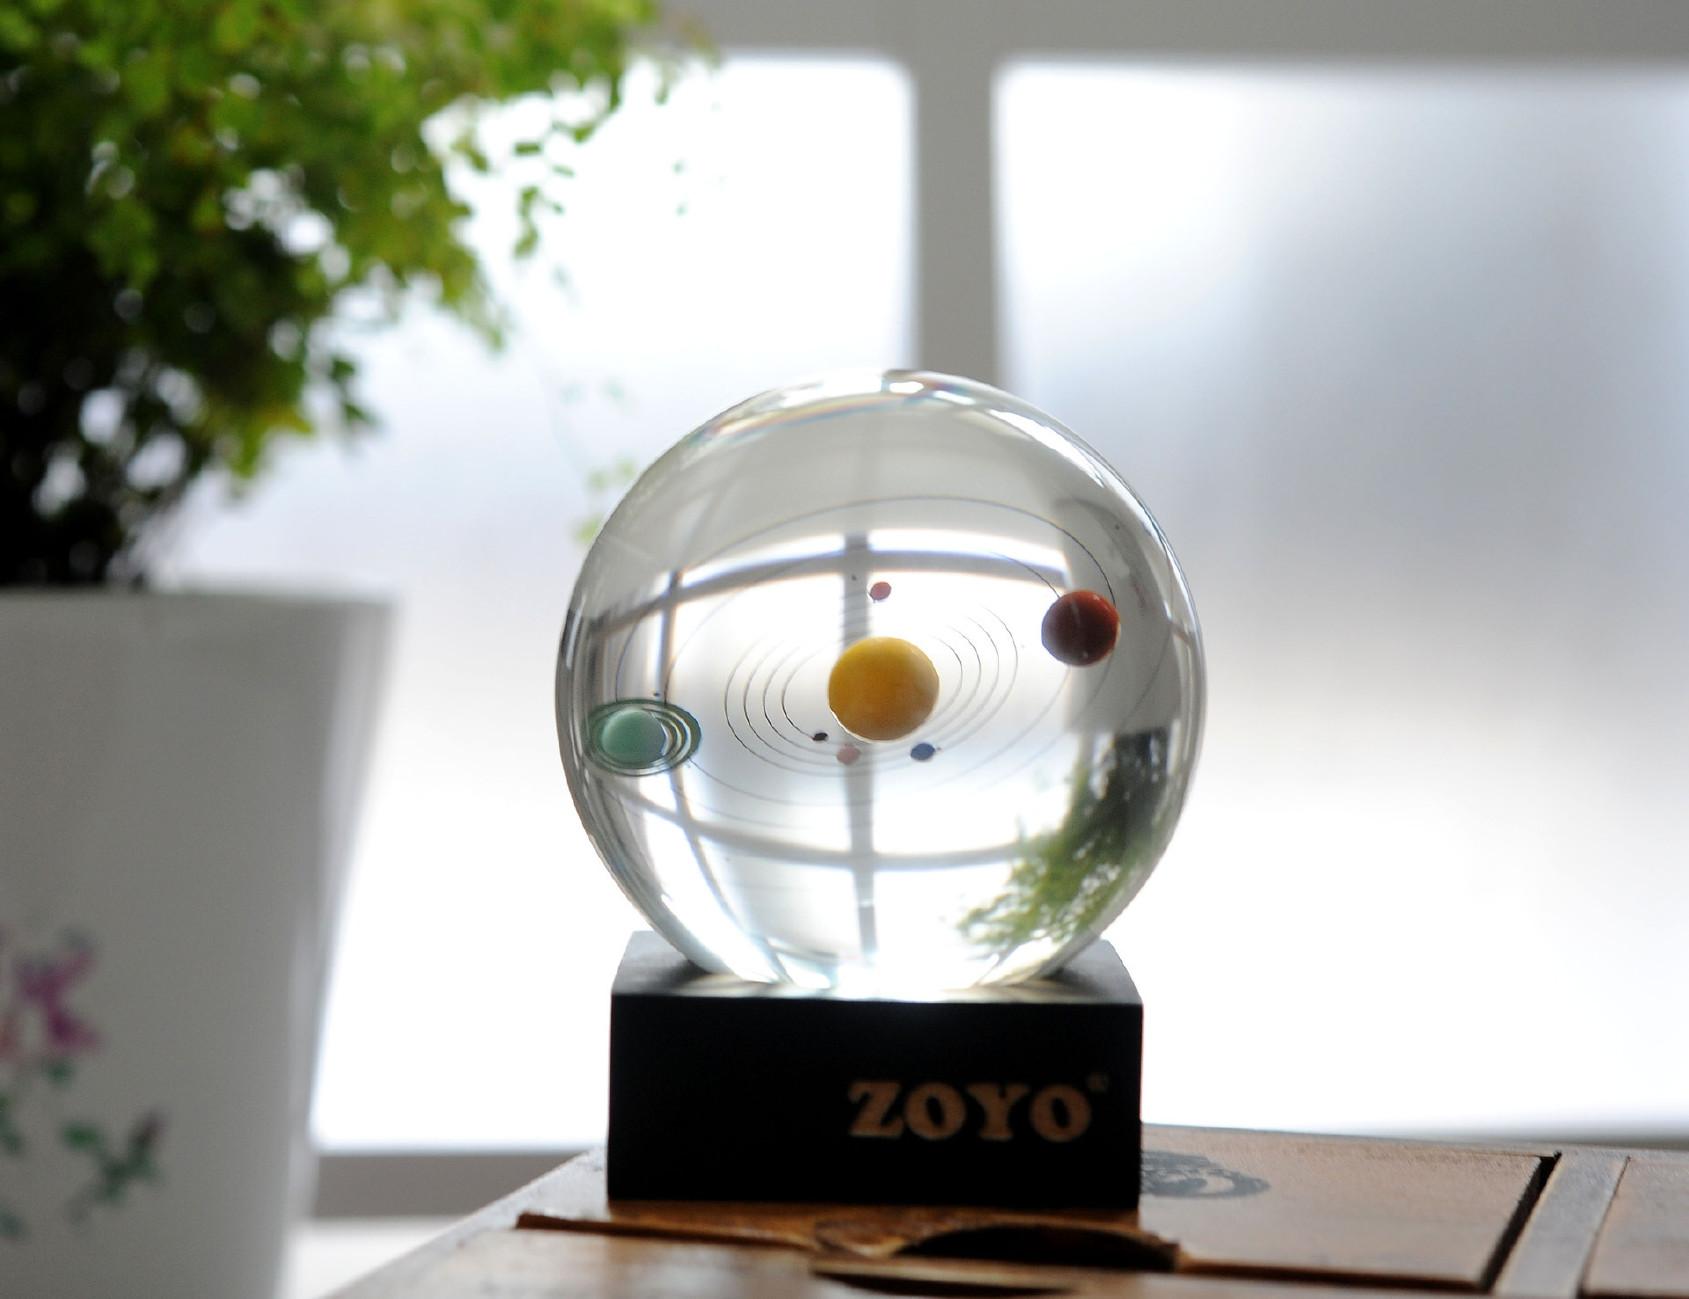 ��㖺w��w���2[�G�b|_【太阳系八大行星3D天体水晶球摆件创意礼品生日礼物家居工艺品